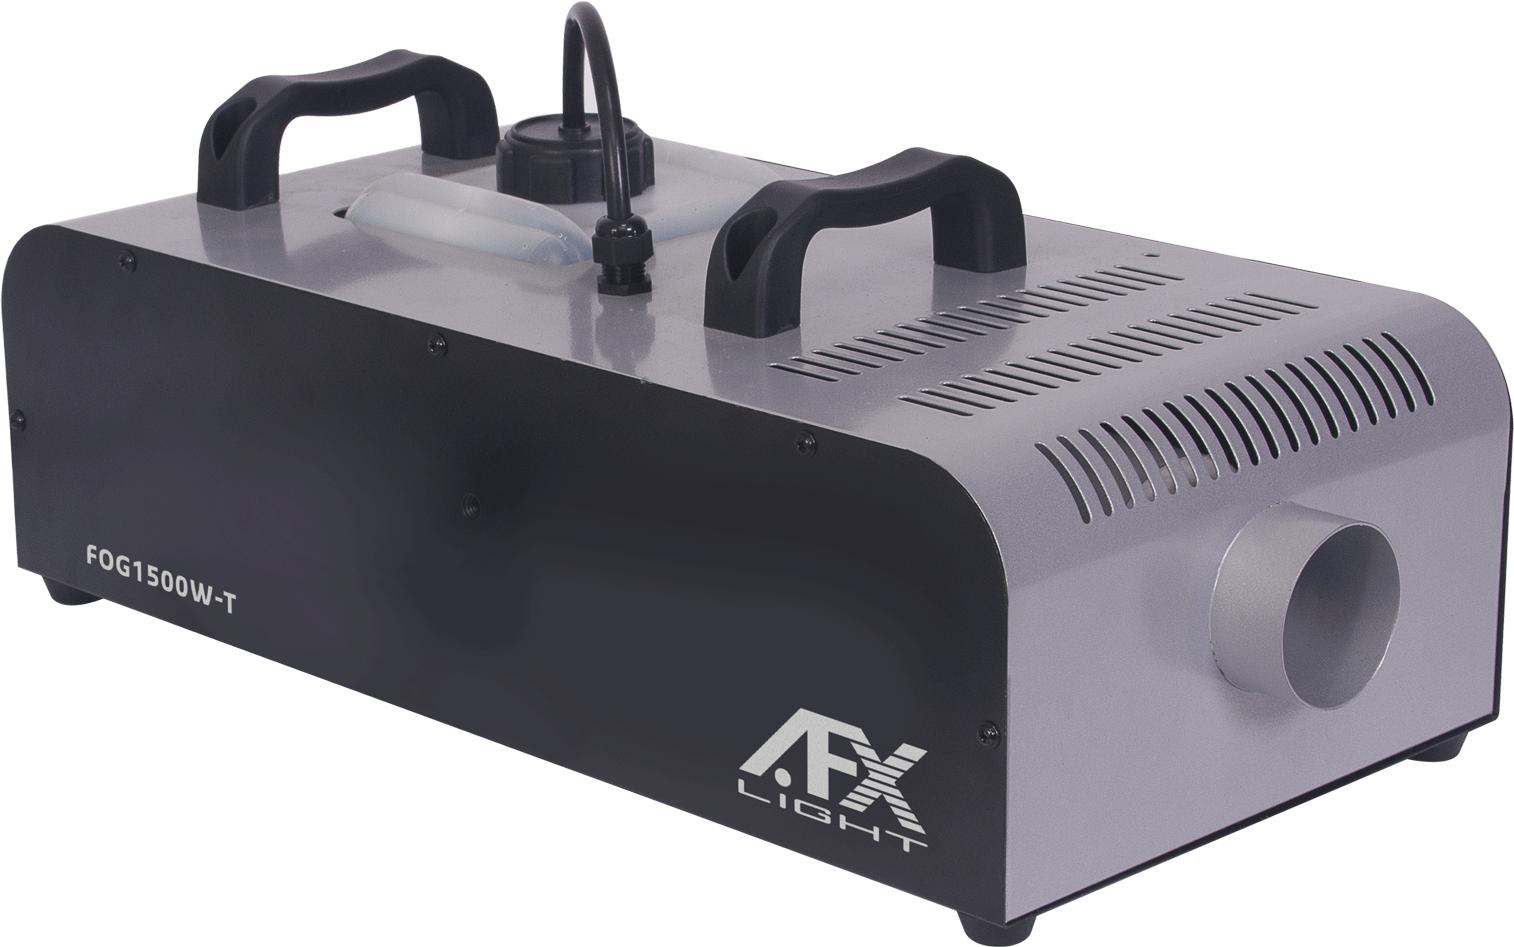 AFX 1500W røgmaskine med Timer, trådløs fjernbetjening og DMX